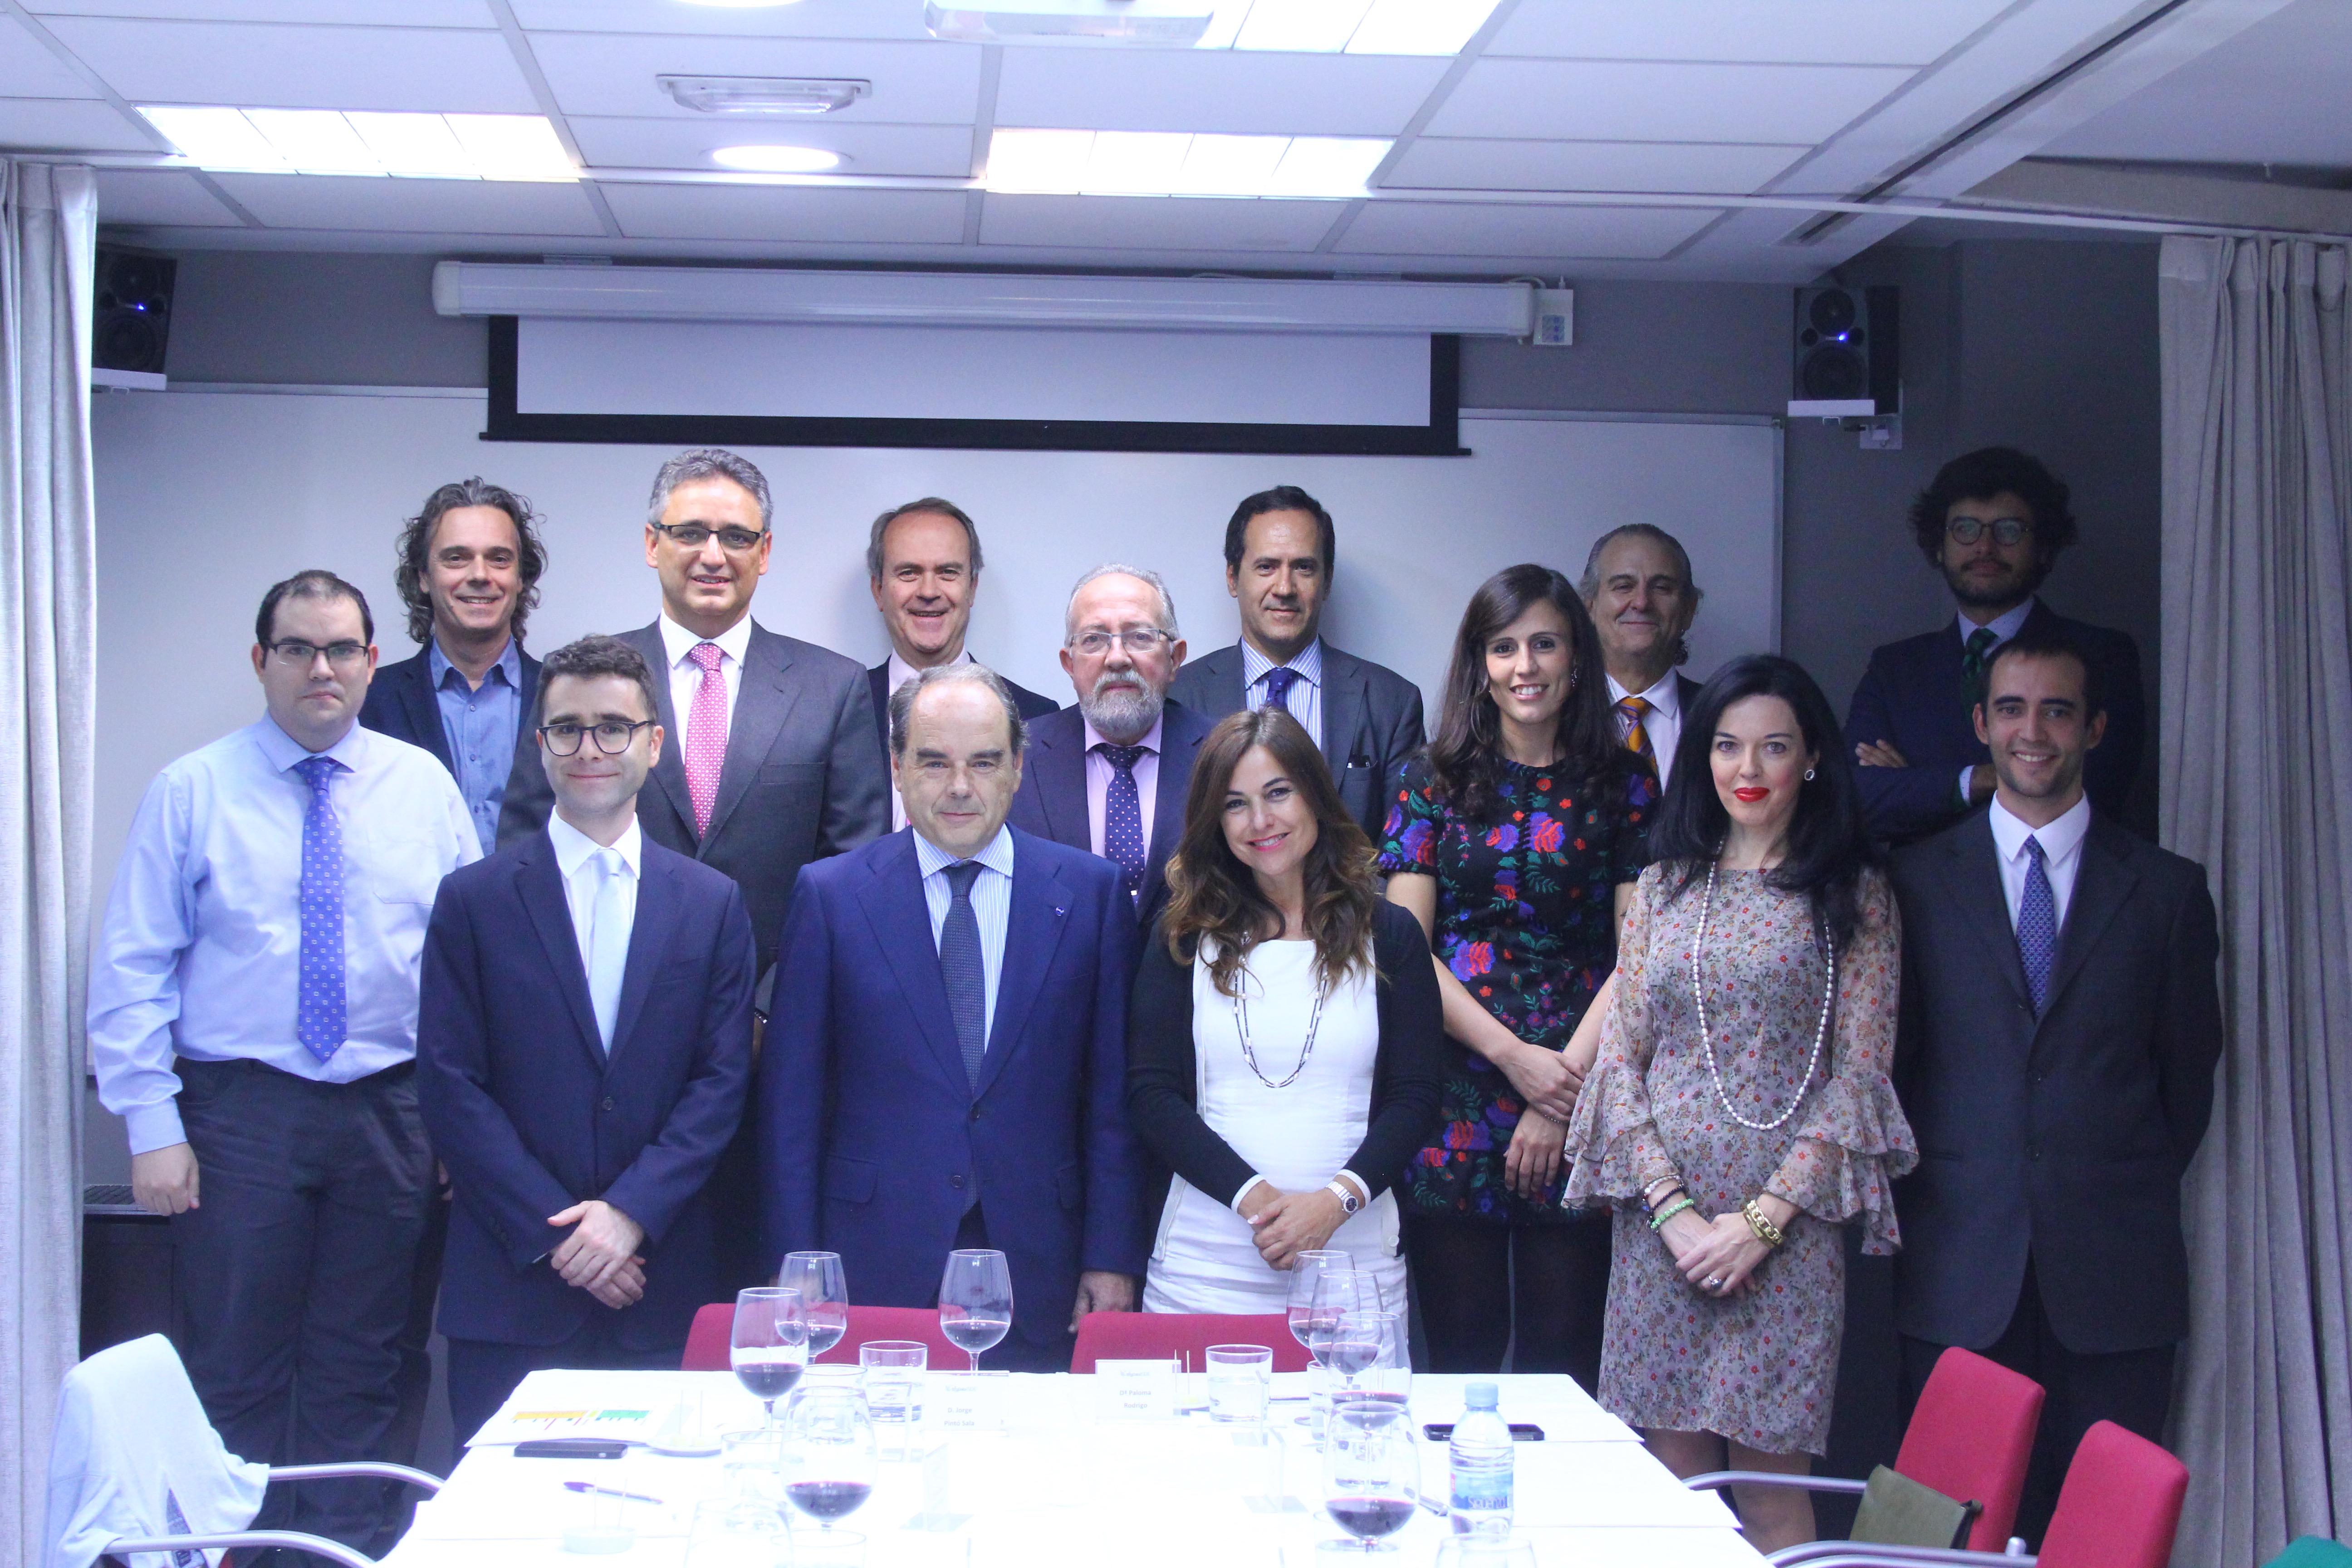 II Certamen de los Premios a la Excelencia en Práctica Jurídica Economist&Jurist, en 2018